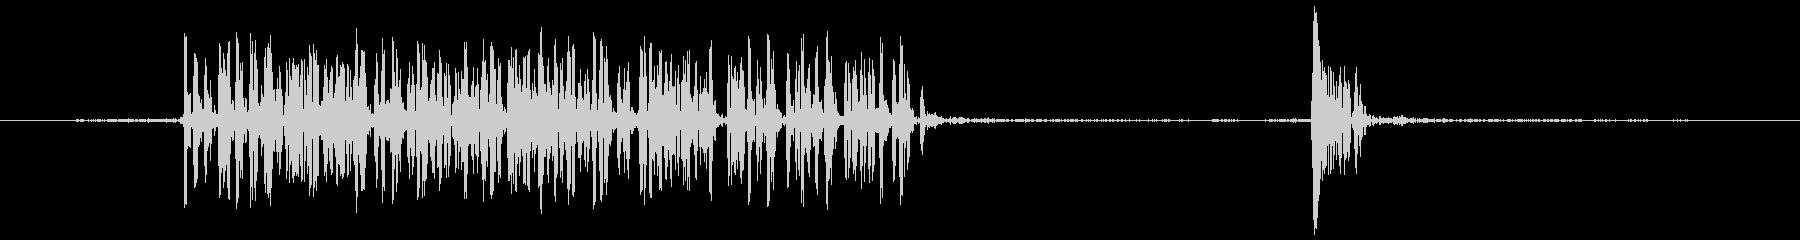 ザッピングのザッ、という音ですの未再生の波形